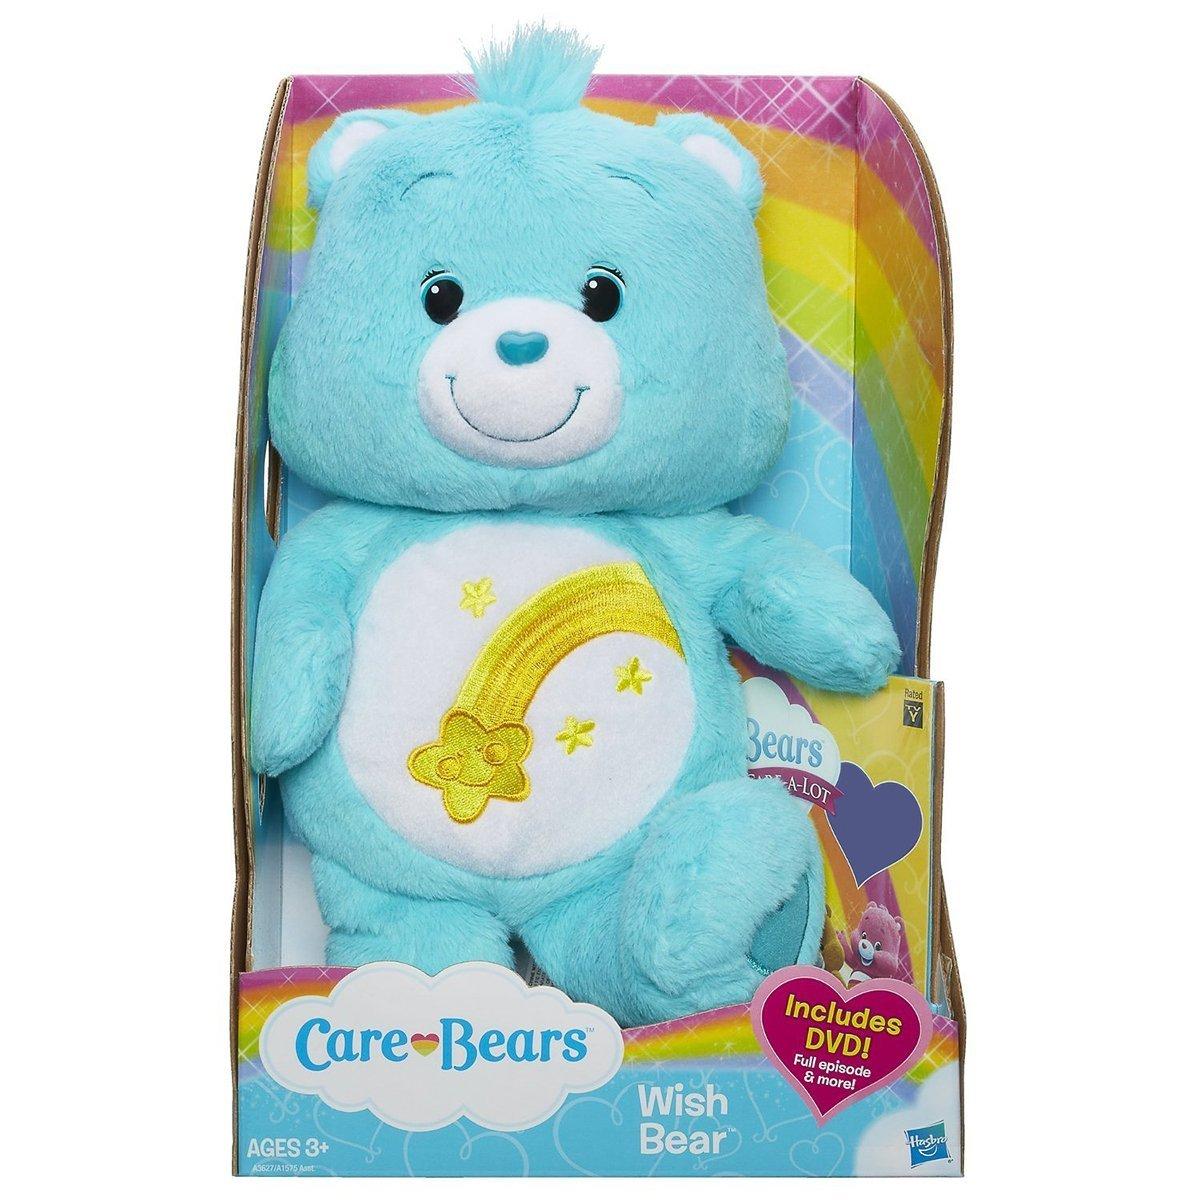 【まもなく再入荷 1705】Care Bear Wish Bear 26〜27cm ぬいぐるみDVD付 ☆ケアベア ウィッシュベア